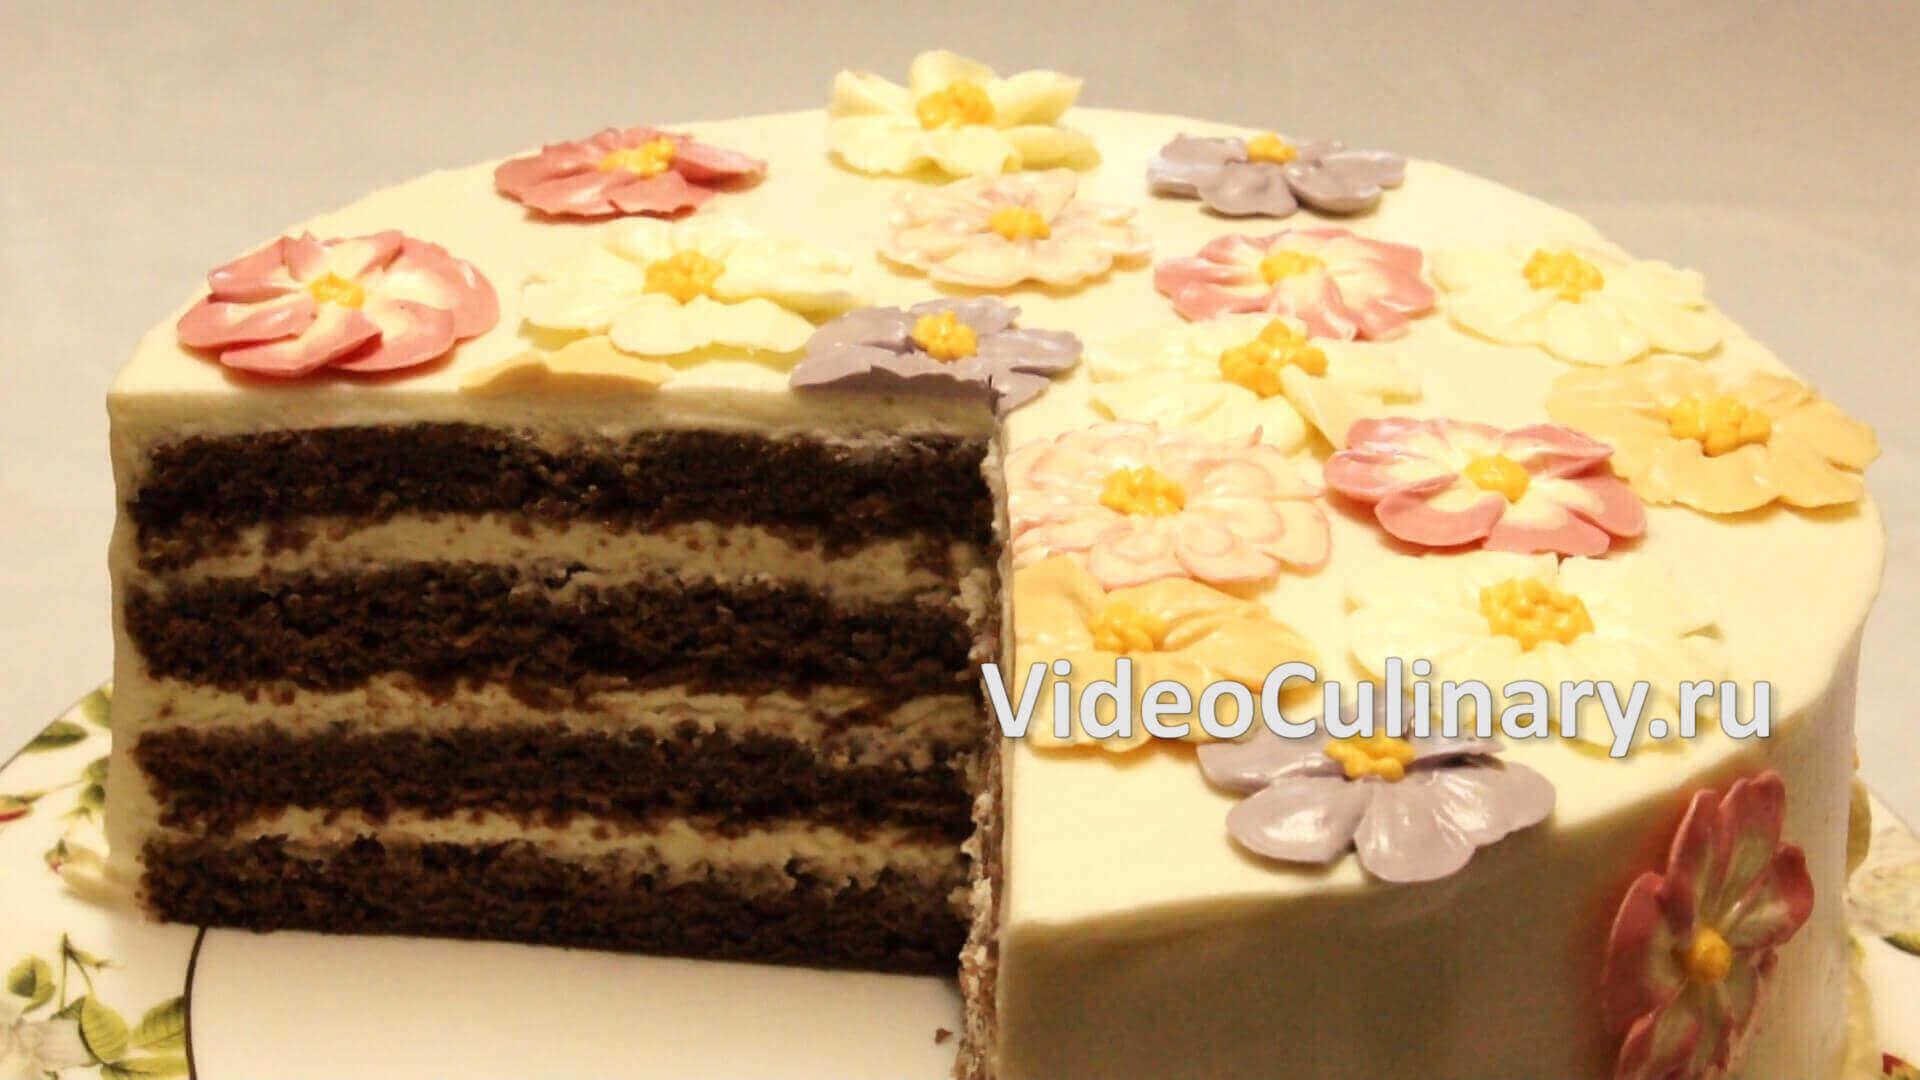 Шоколадный торт Поляна